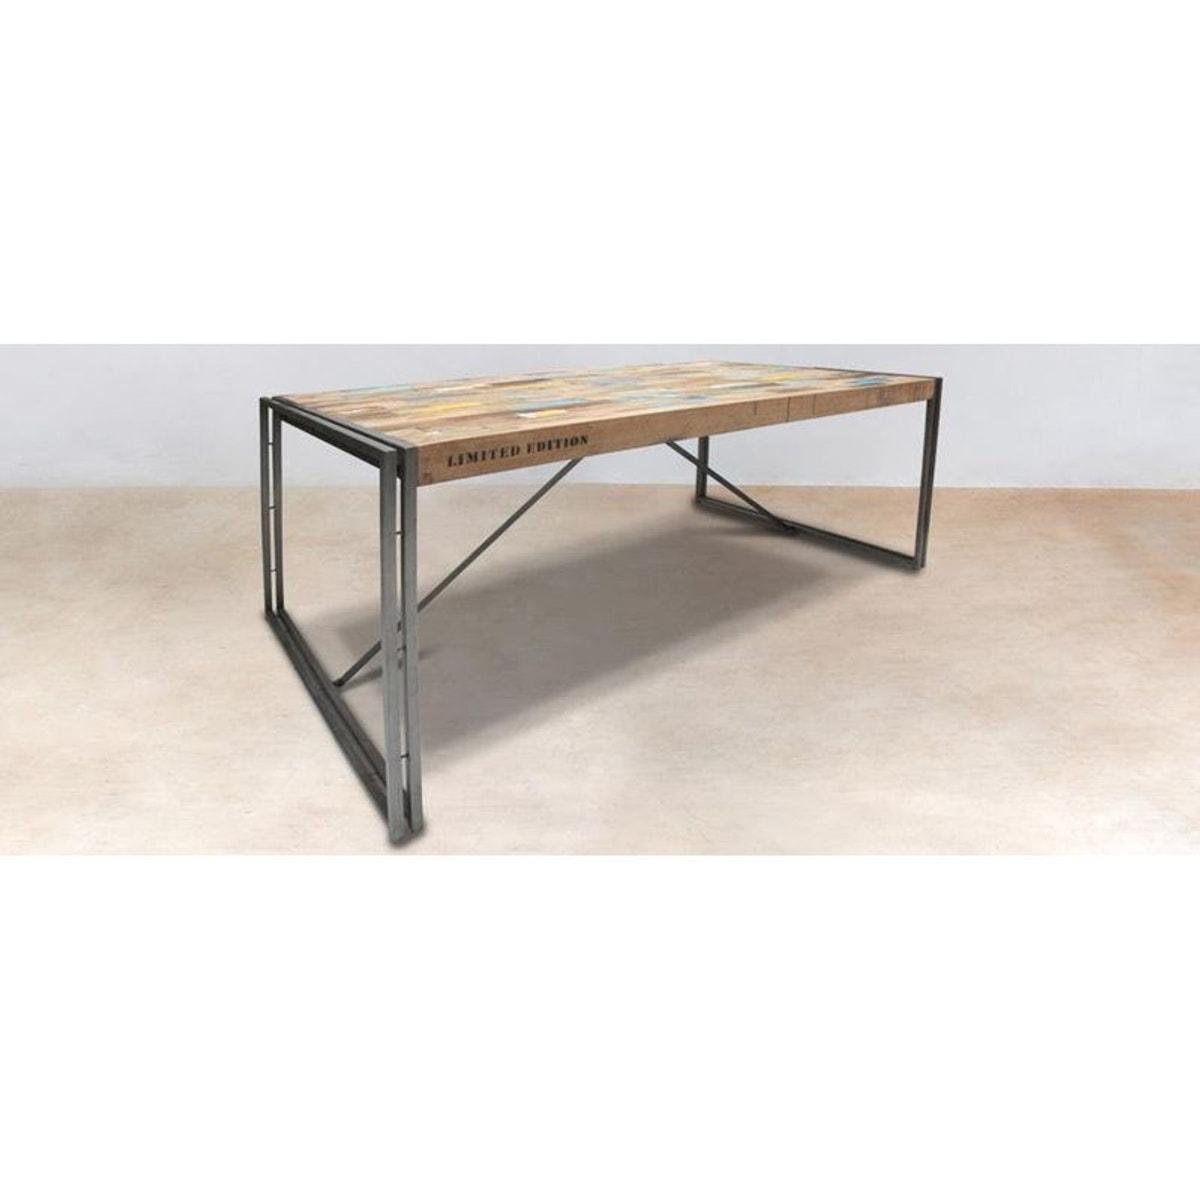 Meuble Tv Table Basse Assorti table À manger industrielle bois recyclé 250x110cm caravelle